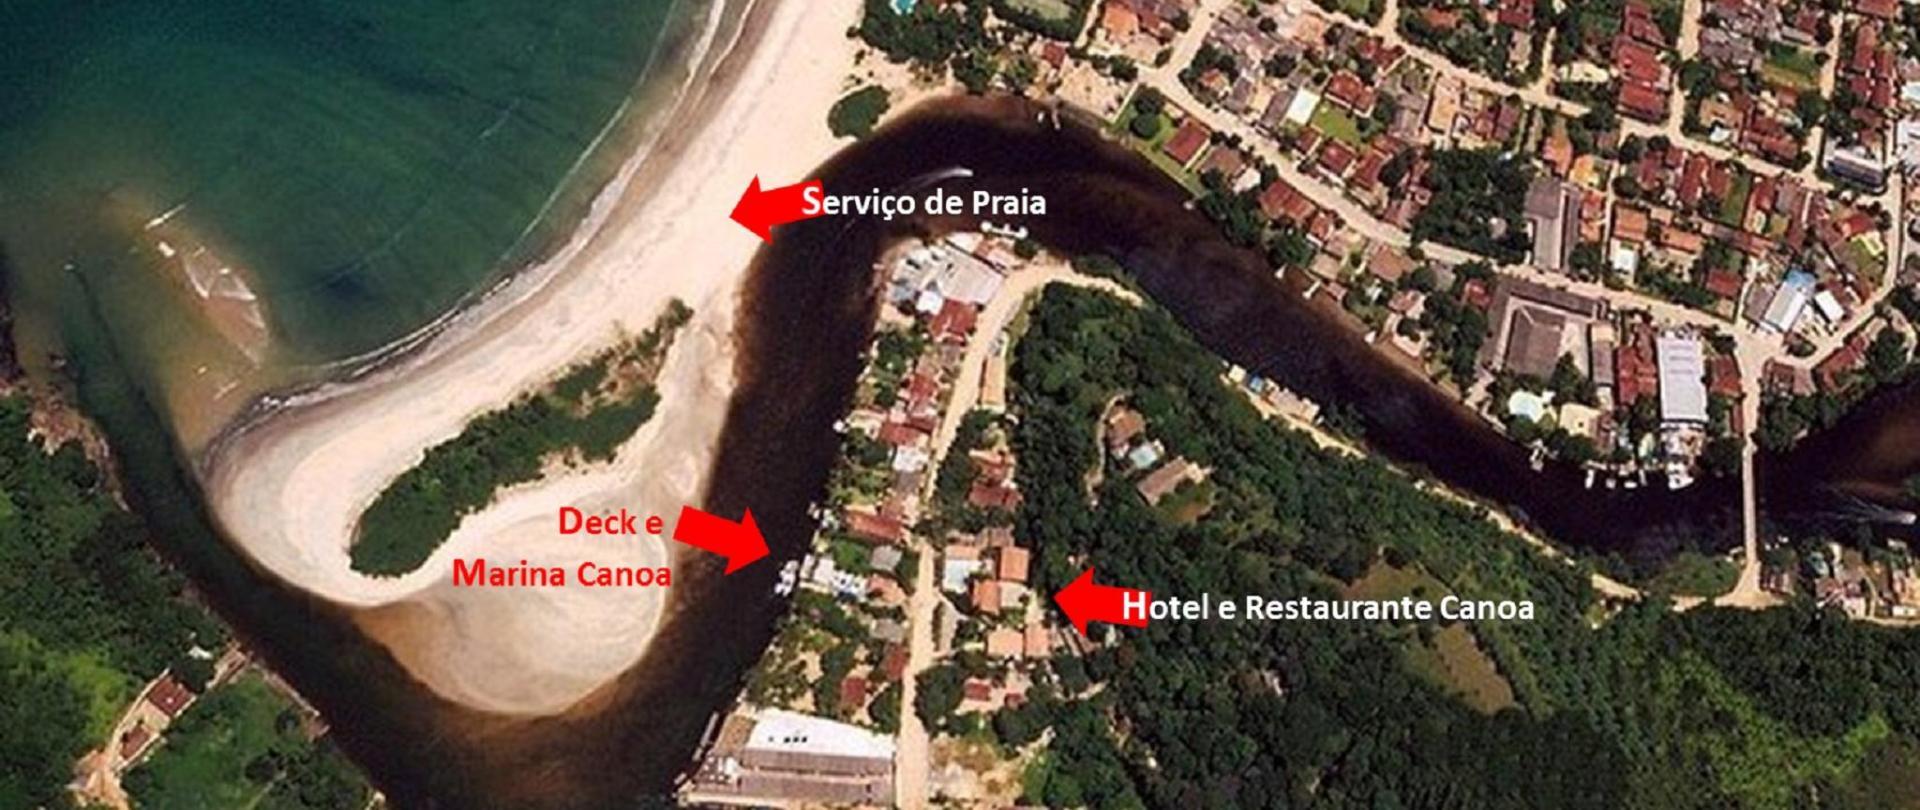 Localização CANOA Barra do Una web G.jpg